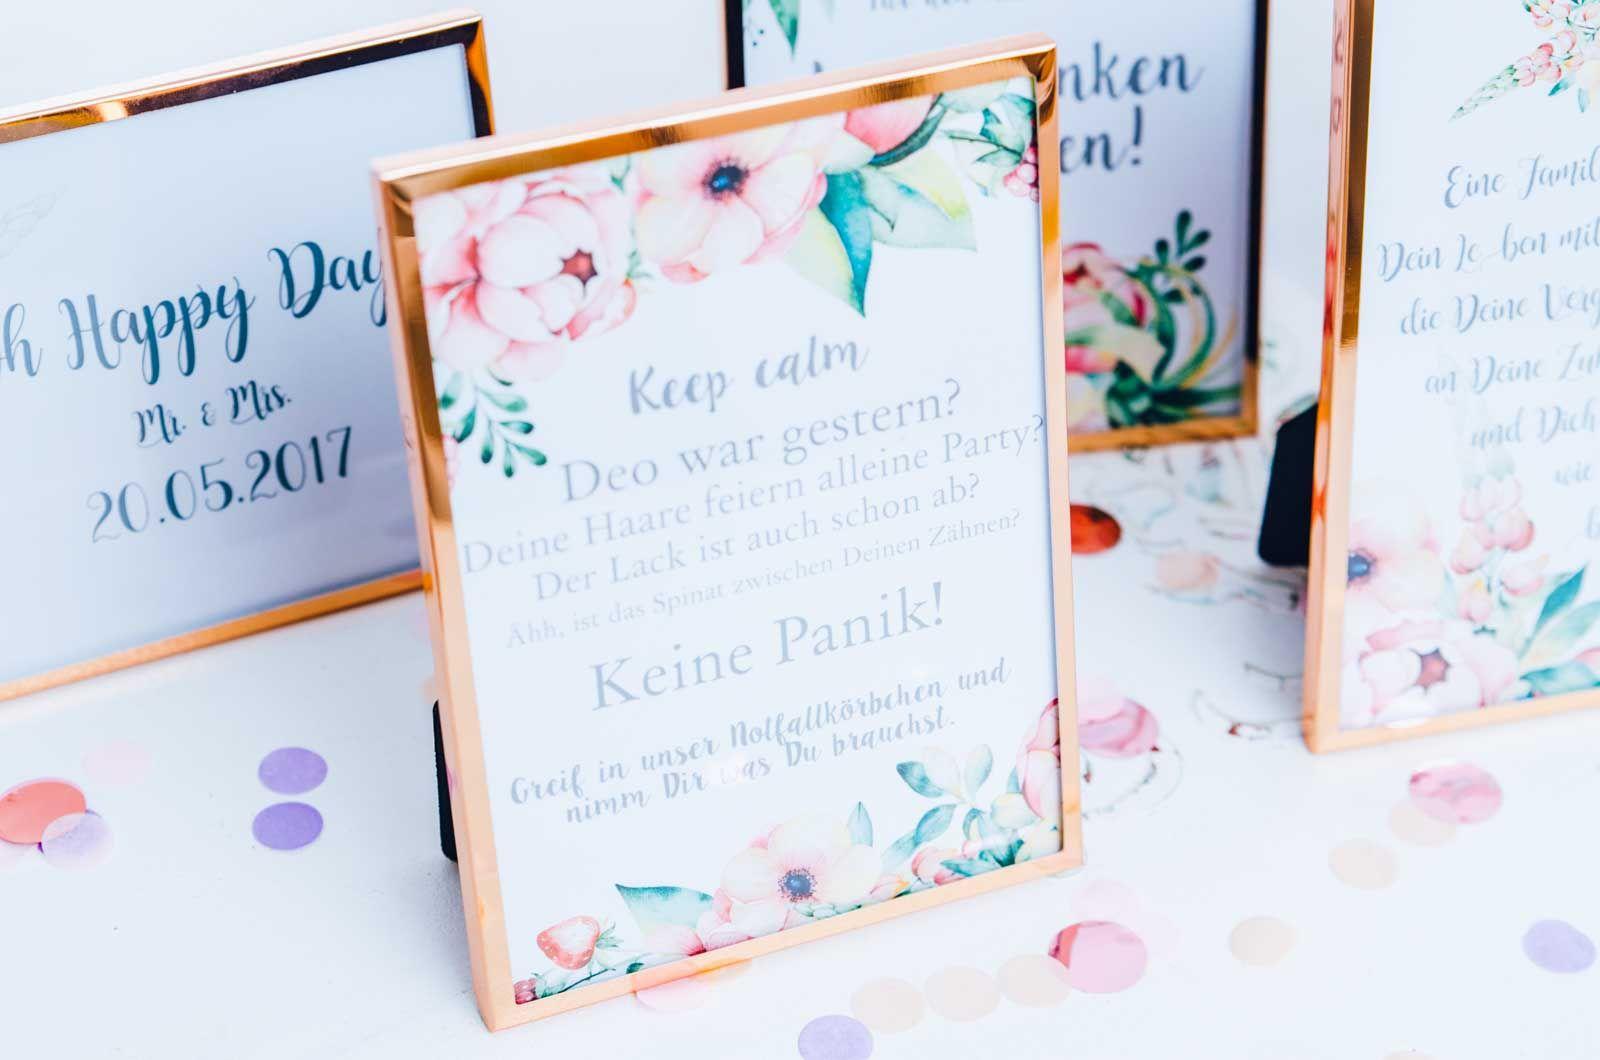 Karten Tischkarten Aufsteller Hochzeitsdeko Heiraten Wedding Notfallkorbchen Hochzeit Karten Selber Drucken Karten Drucken